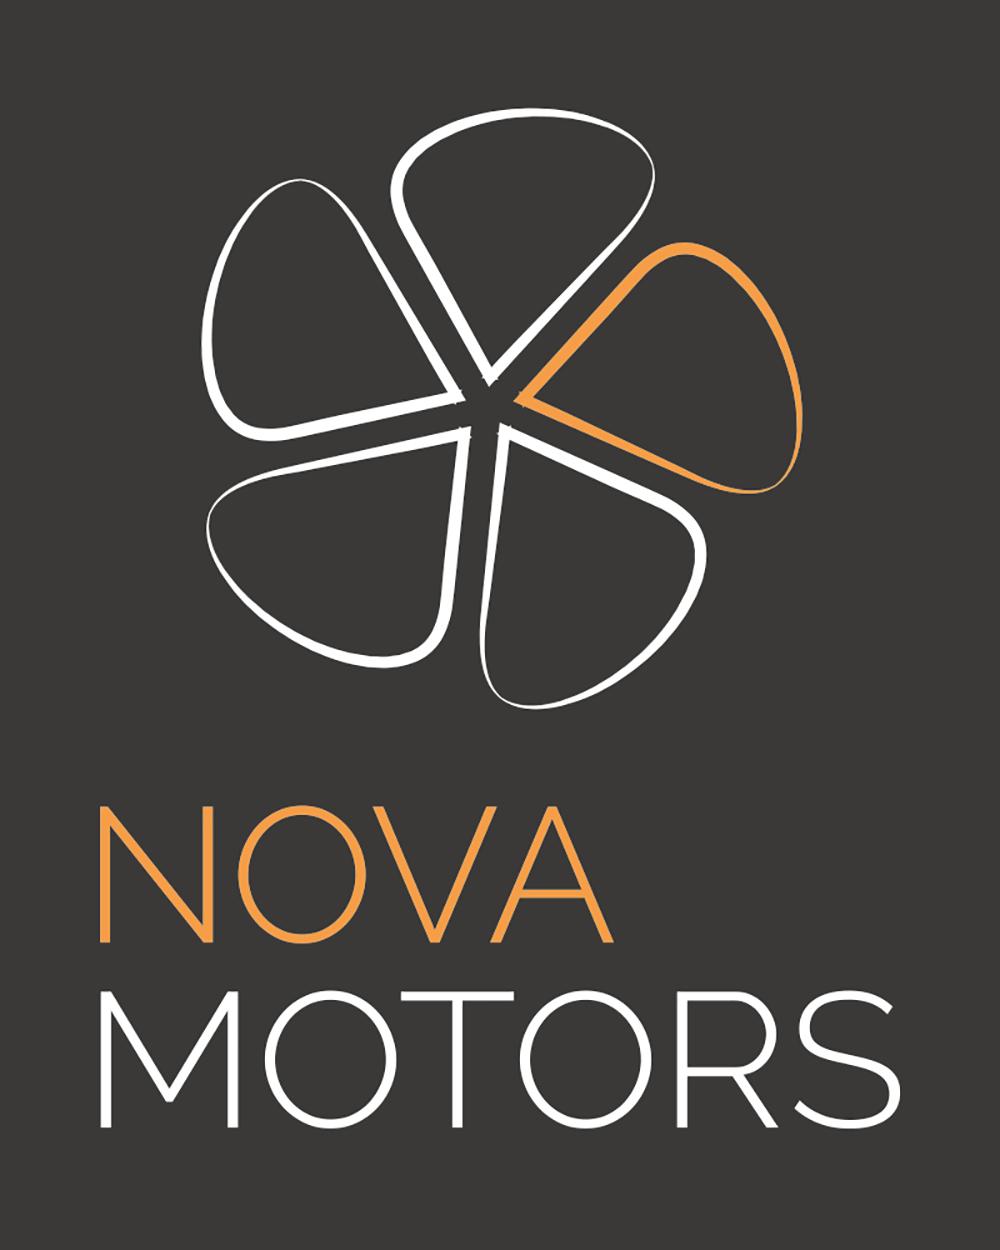 Nova Motors - Bestel scooters, selektrische Scooters, snorfiets en Scootmobielen eenvoudig en goedkoop gratis verzending